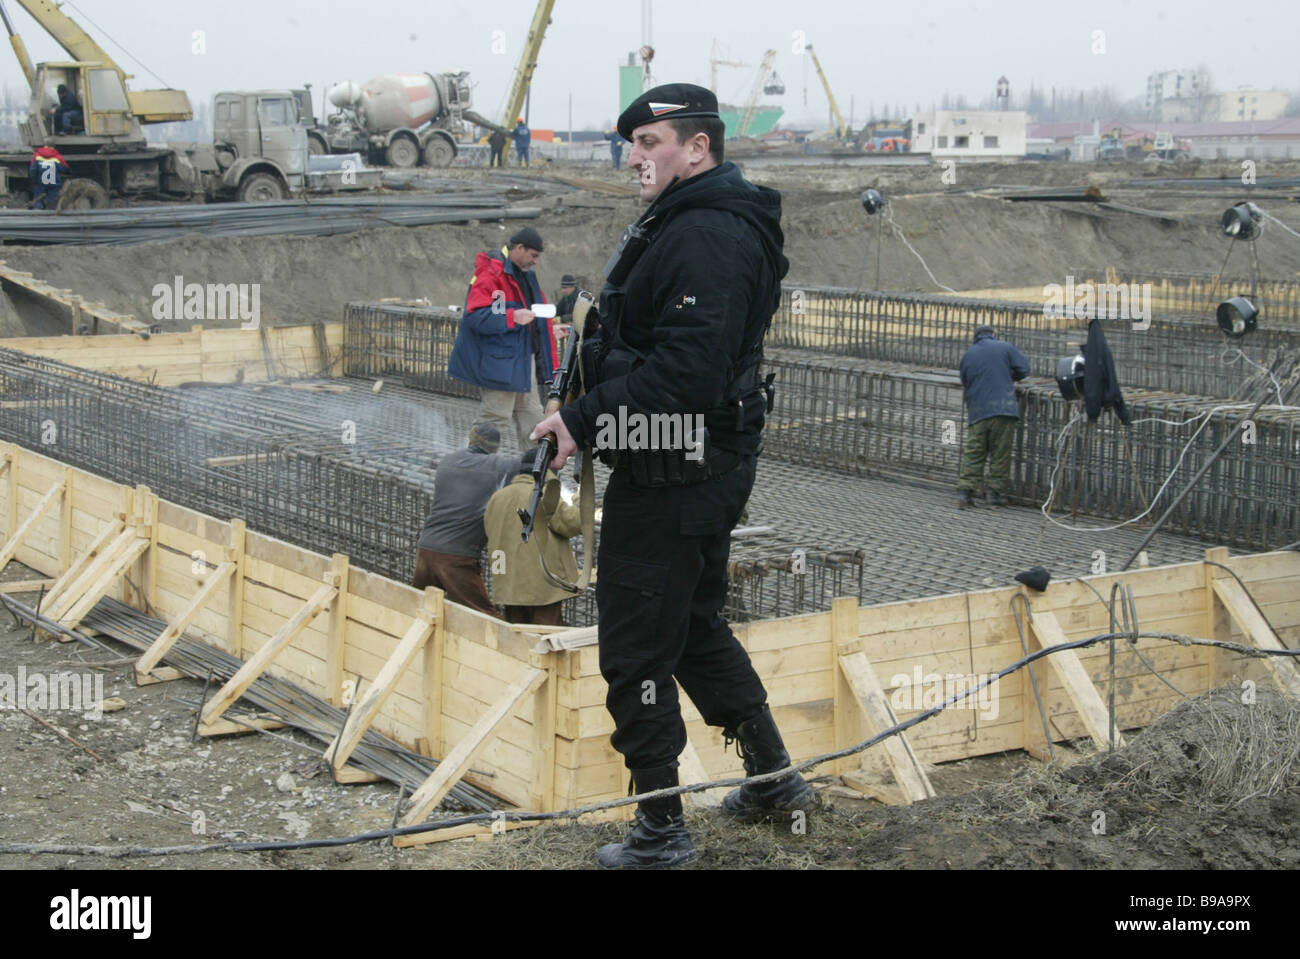 Larga scala la ricostruzione è in corso a Grozny Ulitsa Tukhachevskogo è stato quasi del tutto ricostruito Immagini Stock